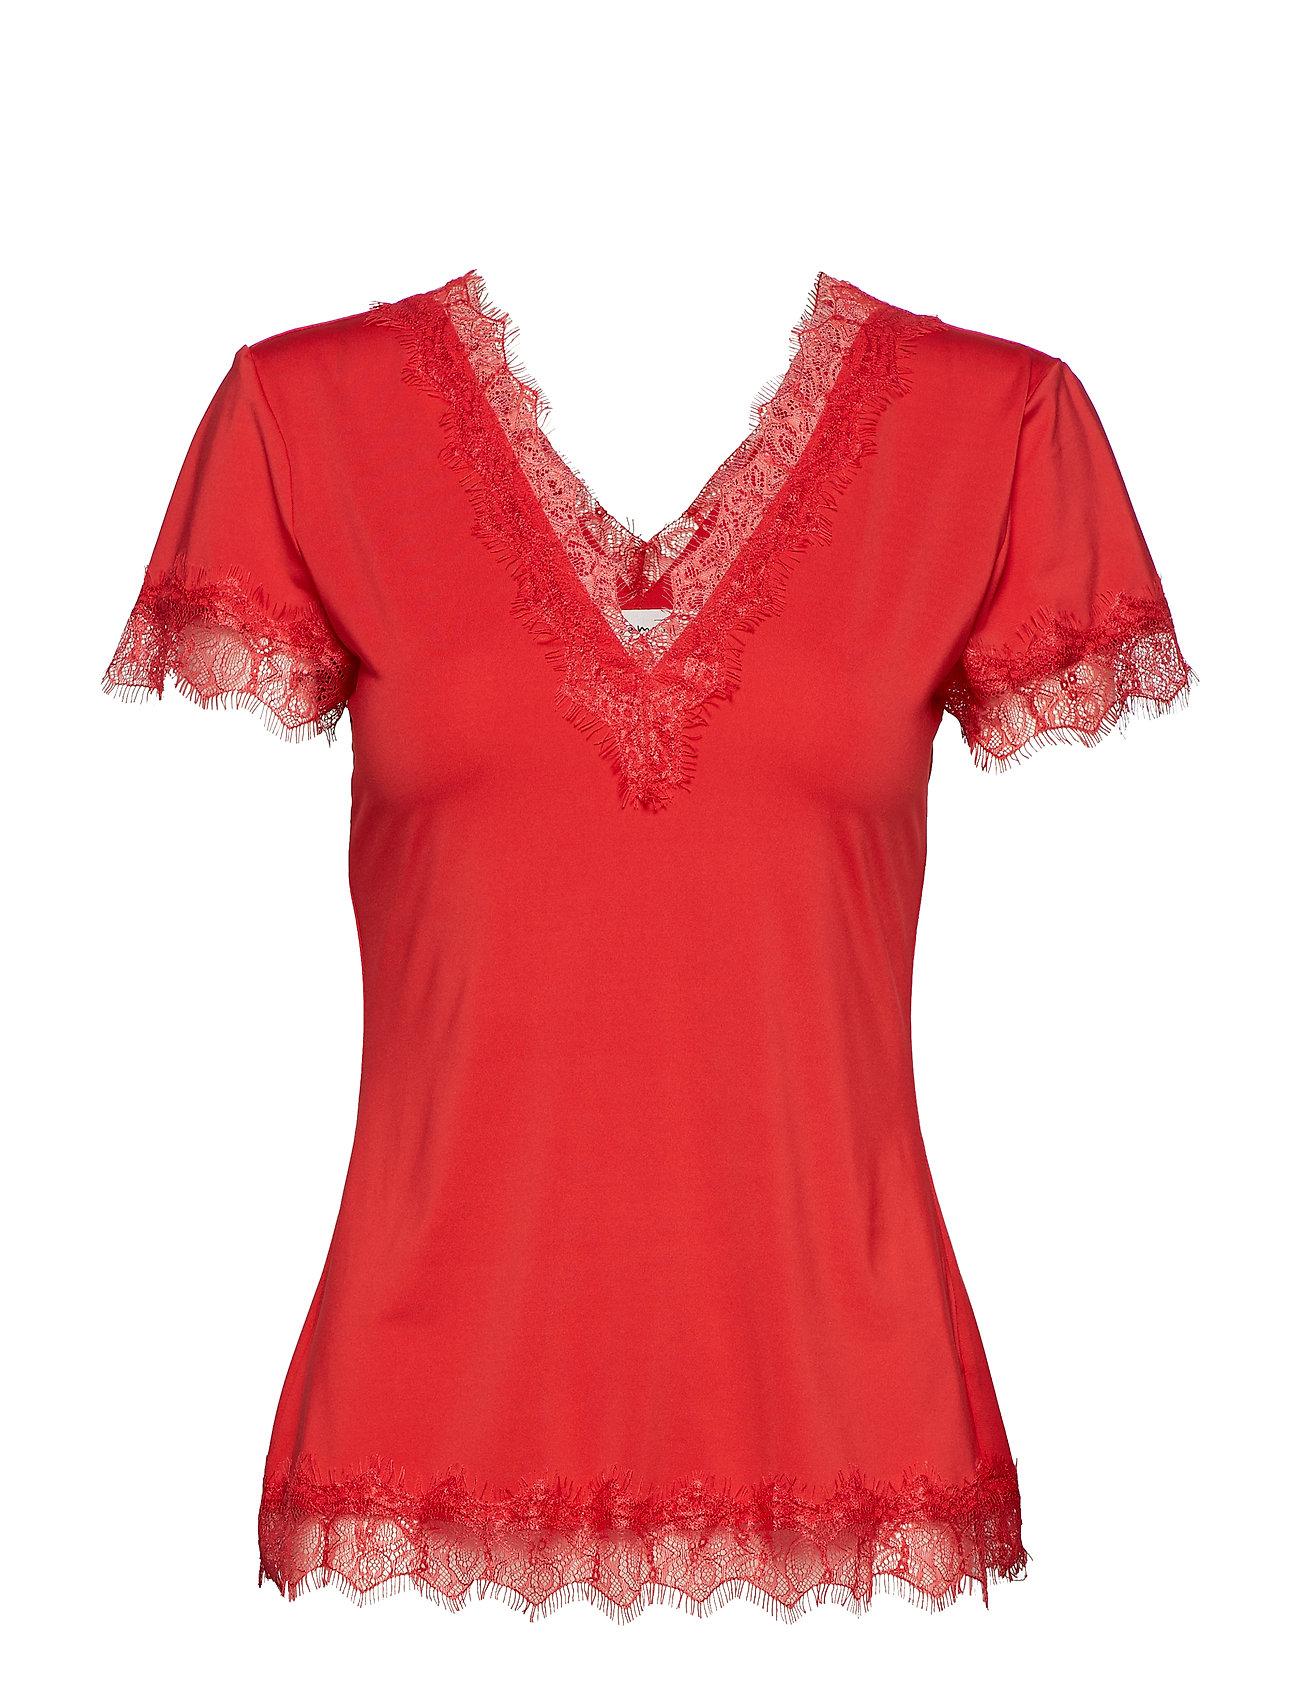 Rosemunde T-shirt ss - STRAWBERRY